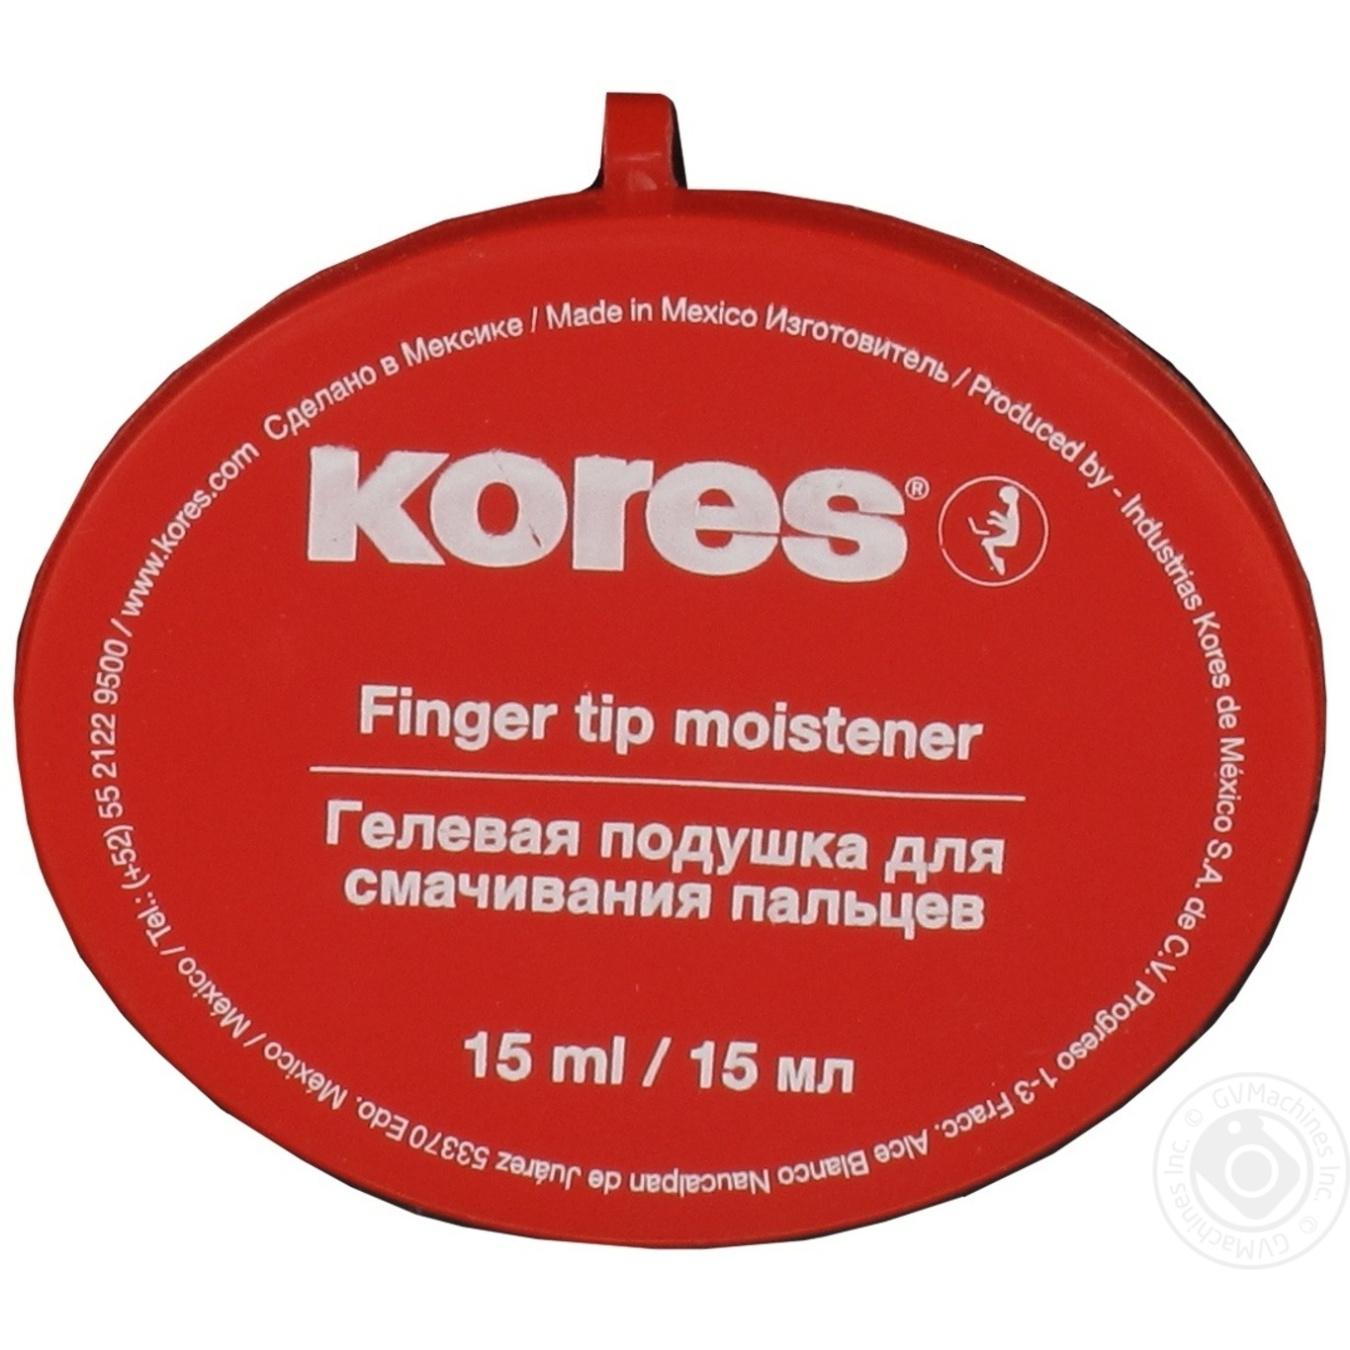 Увлажнитель для пальцев Kores гелевая подушечка 15г